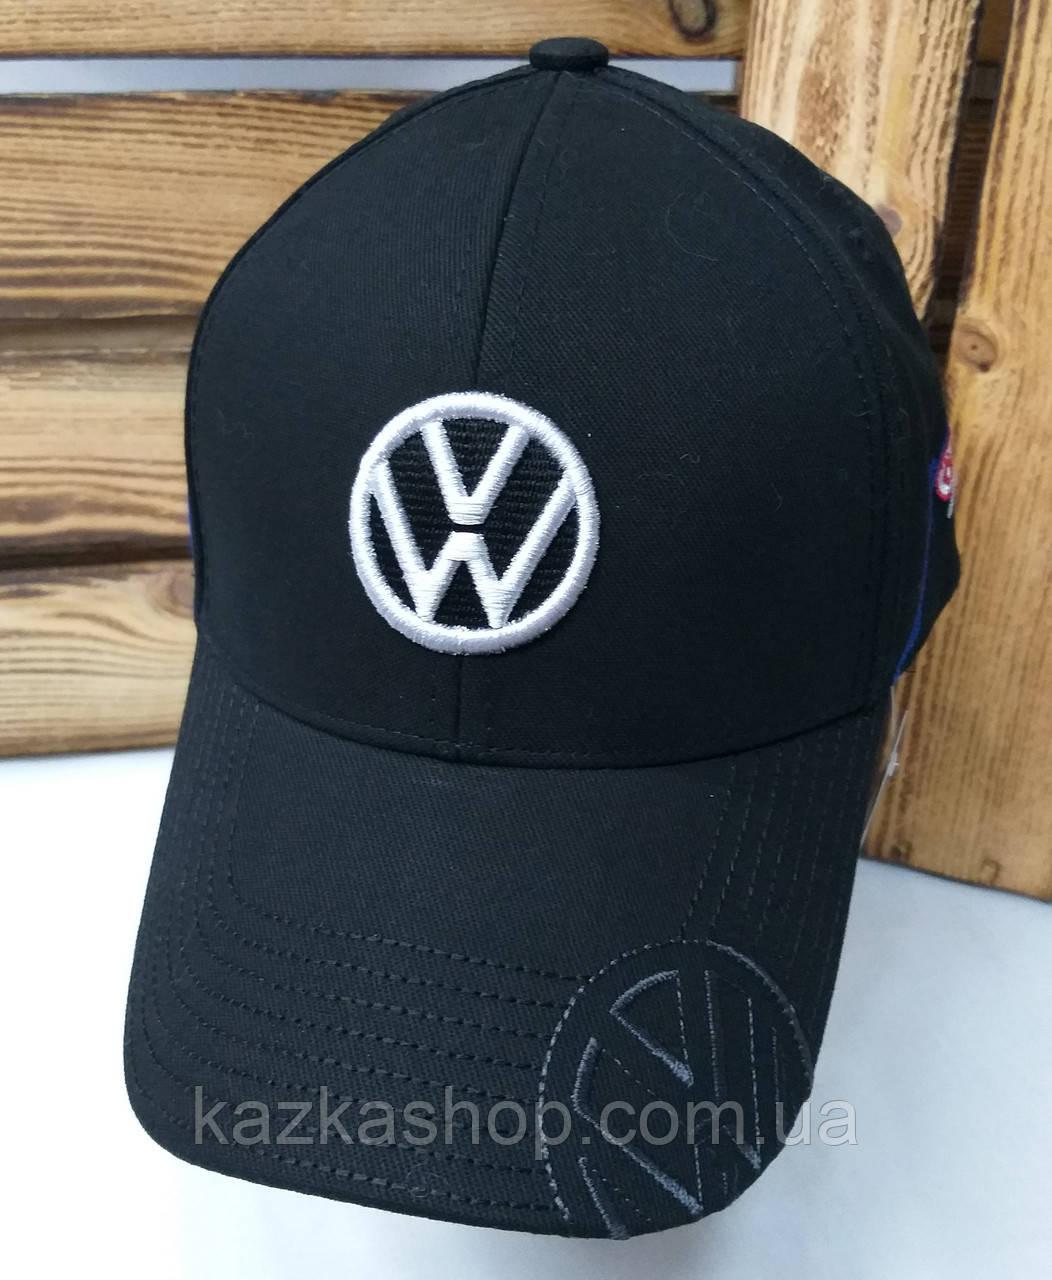 Котоновая кепка с логотипом Volkswagen, сезон весна-осень, большая вышивка, на регуляторе